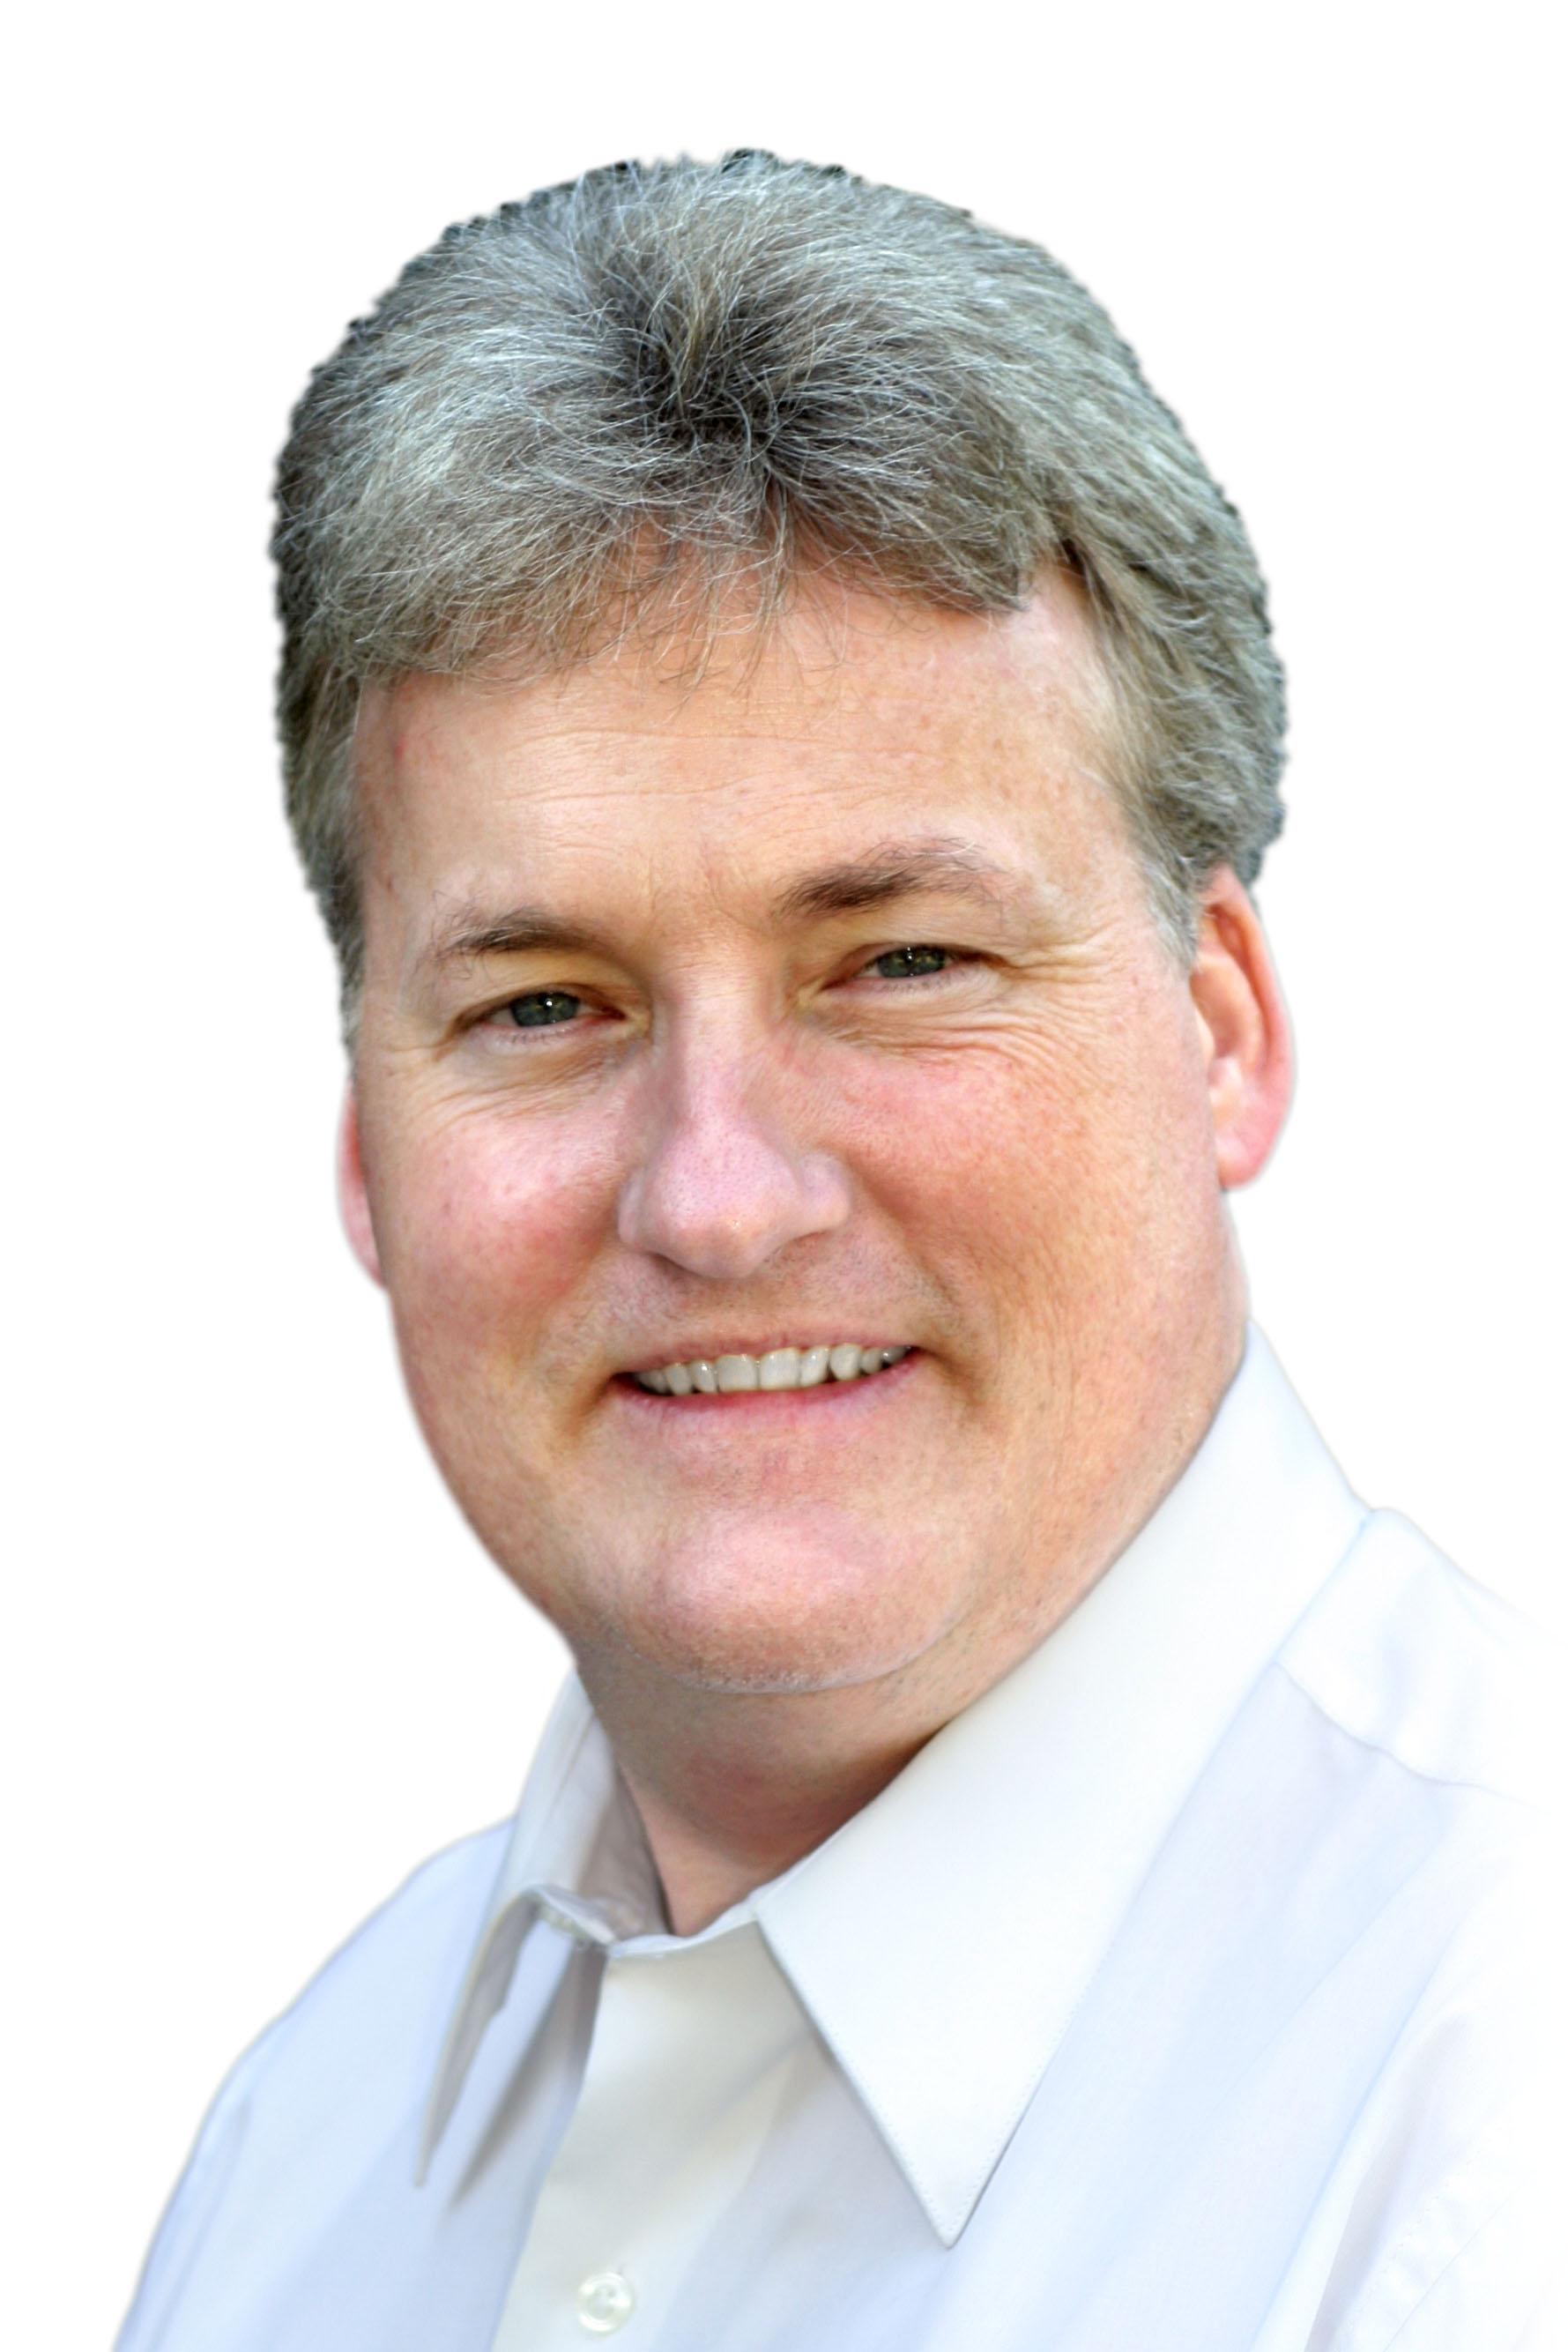 Tim Lyman